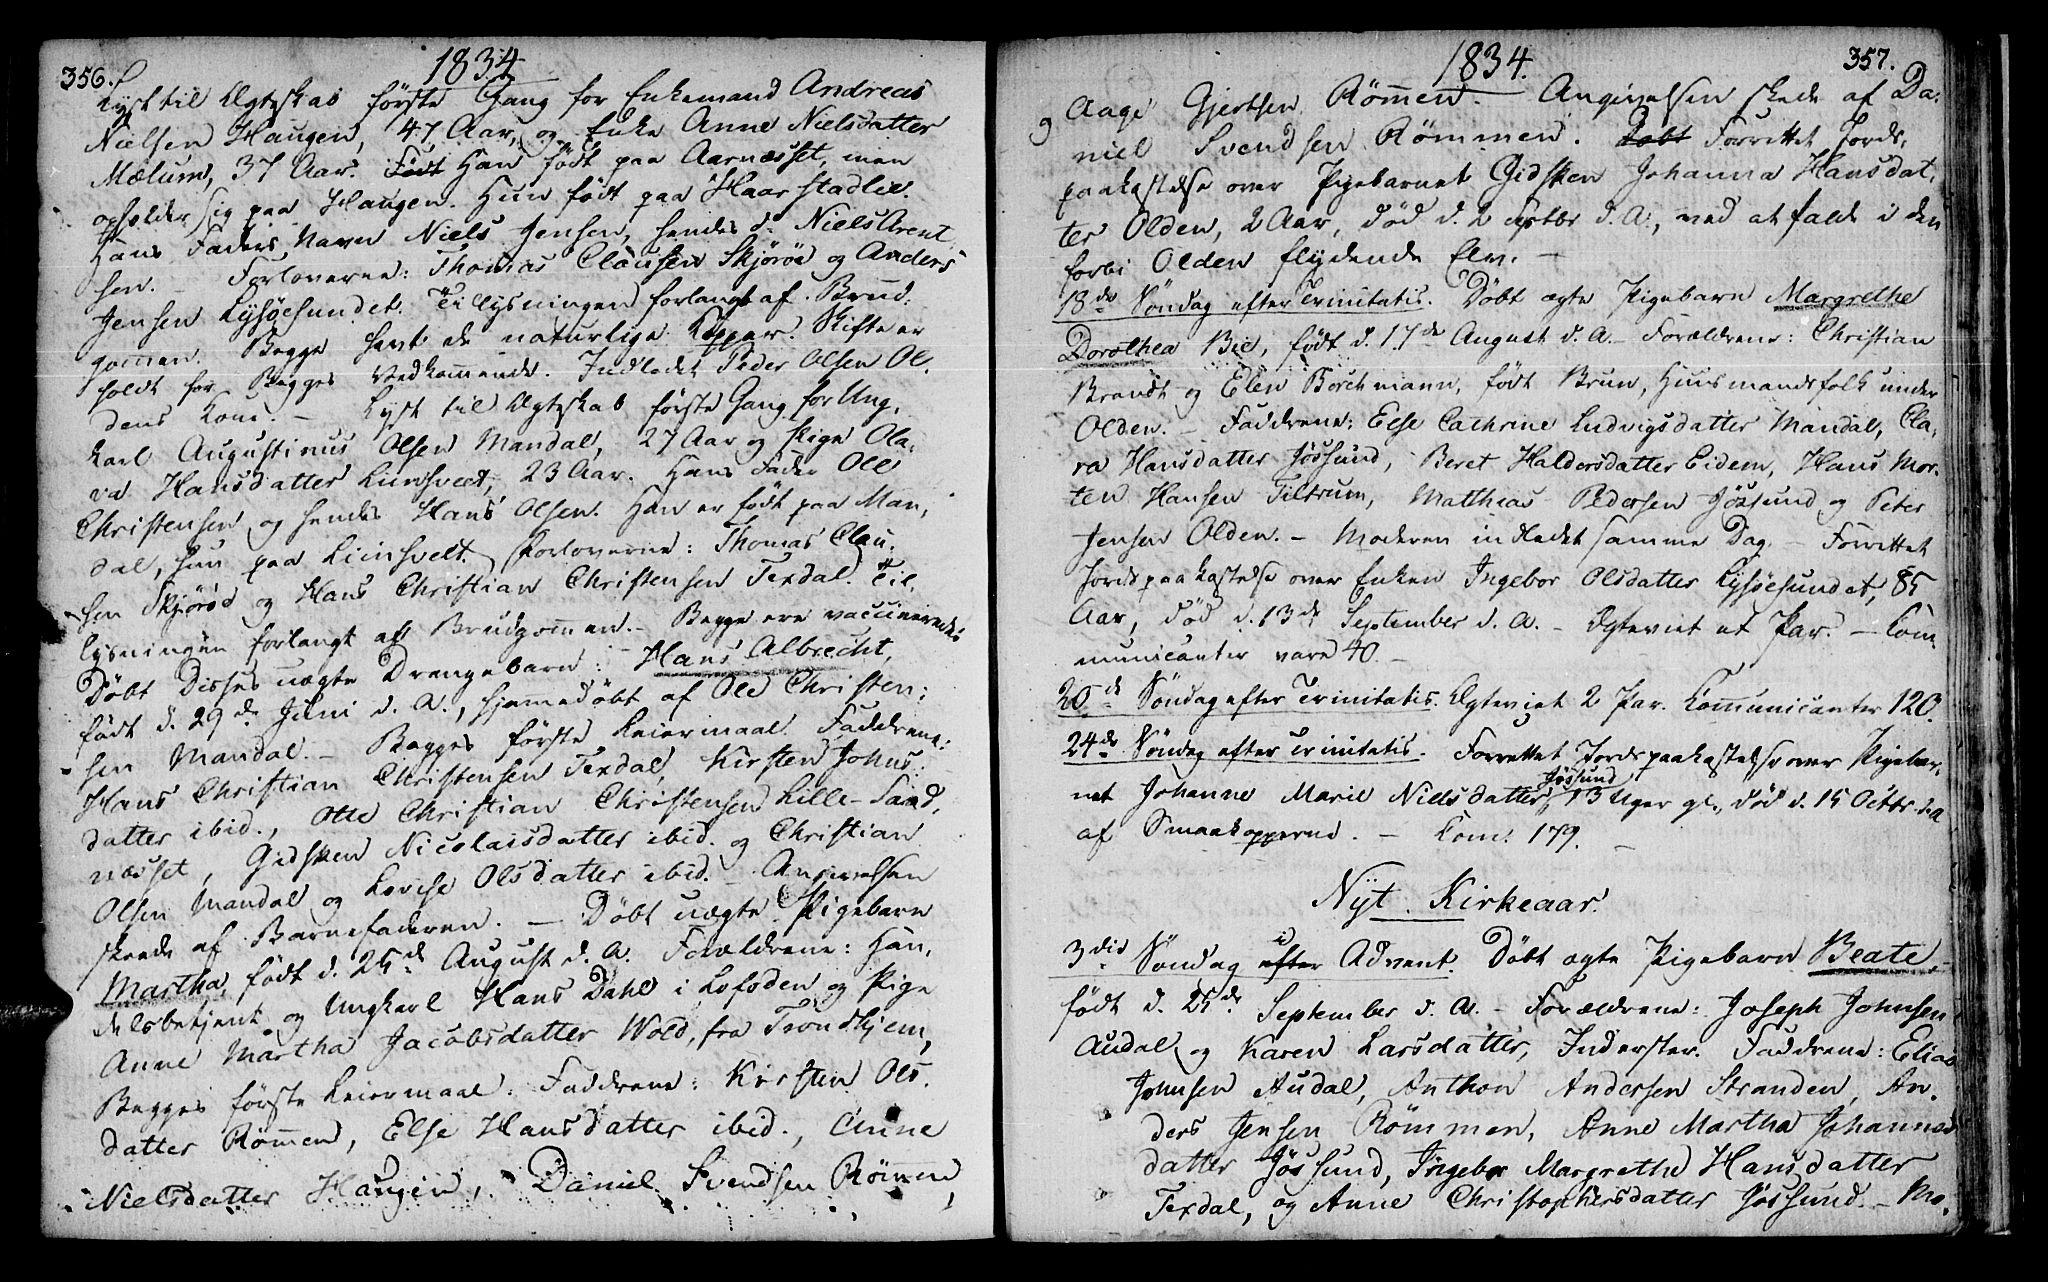 SAT, Ministerialprotokoller, klokkerbøker og fødselsregistre - Sør-Trøndelag, 655/L0674: Ministerialbok nr. 655A03, 1802-1826, s. 356-357